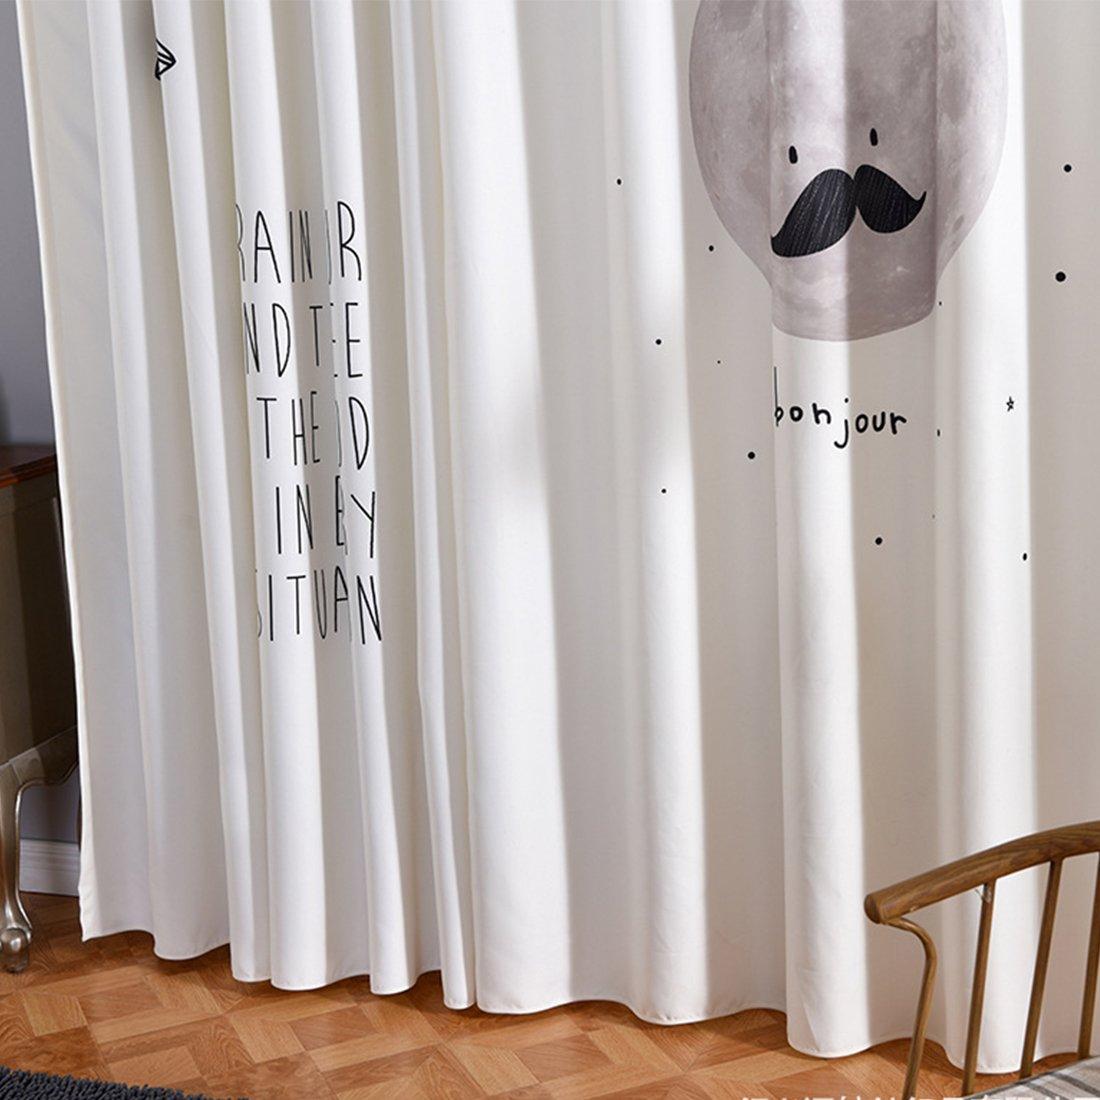 linker Schal nur GWELL Kinderzimmer Gardinen Vorhang Baumwolle und Leinen /Ösenschal Dekoschal f/ür Wohnzimmer Schlafzimmer 225x140cm HxB Motiv-1 1er-Pack